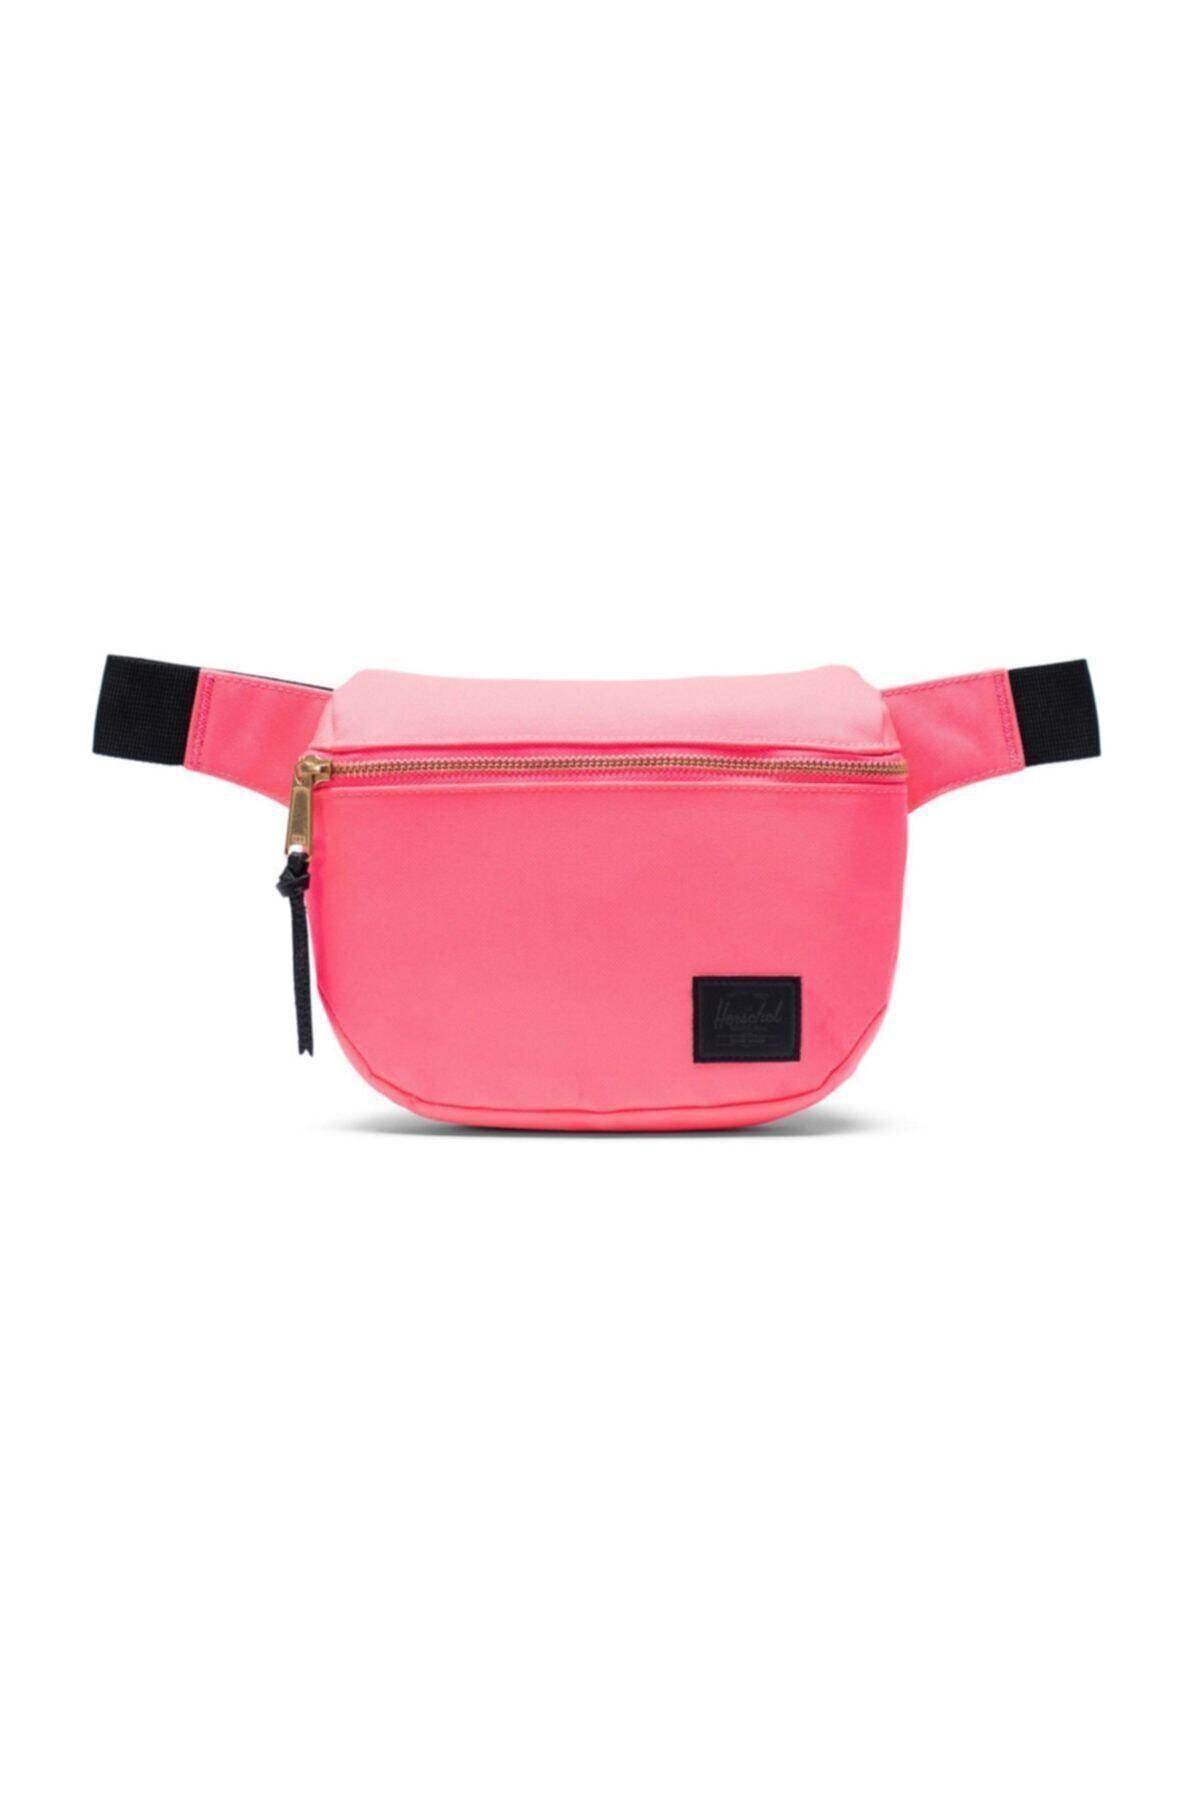 Herschel Supply Co. Herschel Bel Çantası Fifteen Neon Pink/black 1